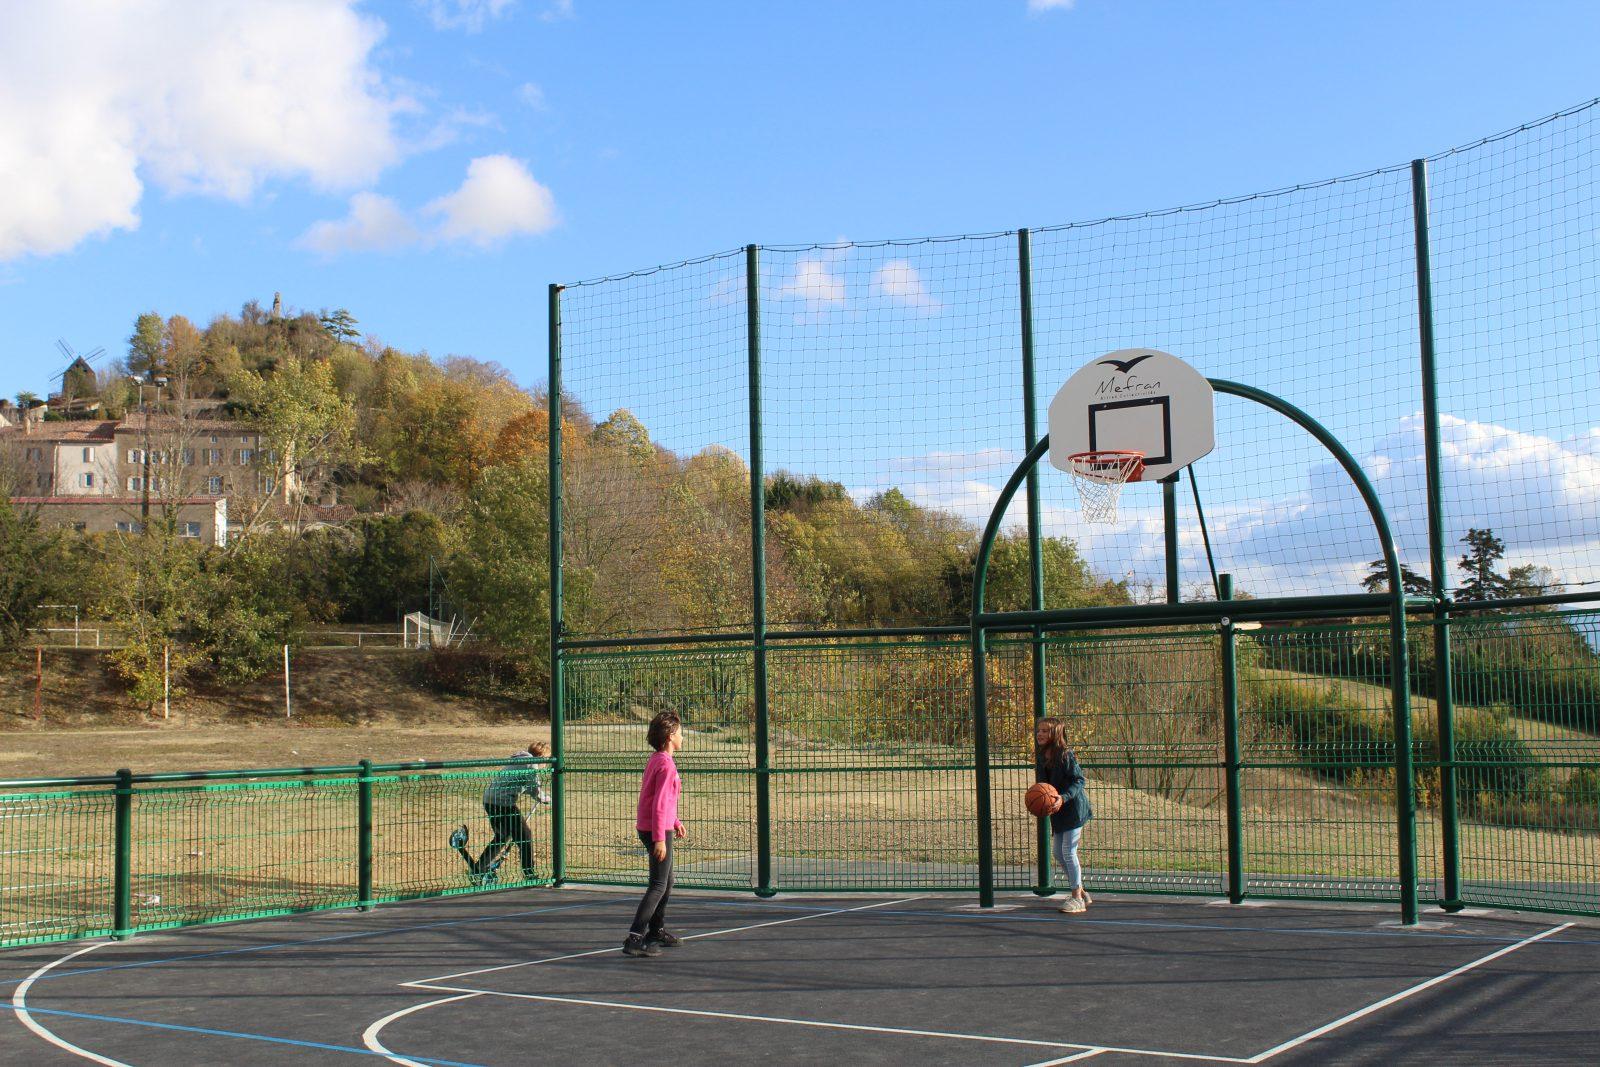 Lautrec City Park